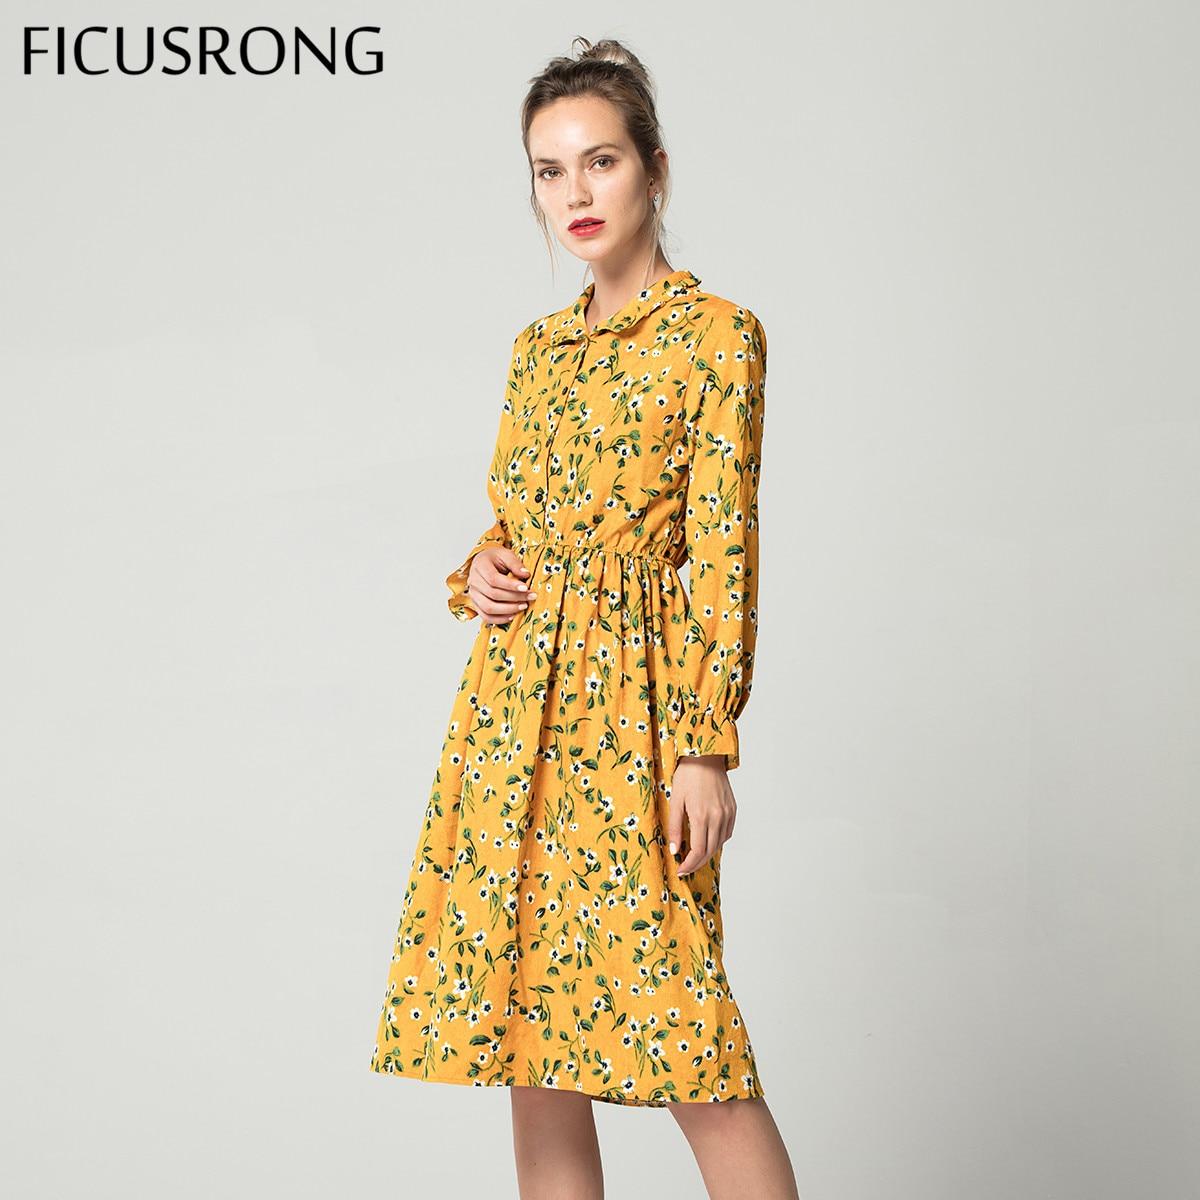 De pana elástica alta cintura Vintage vestido de las mujeres del estilo de manga completa Flor Plaid impresión vestidos Slim femenino 18 colores